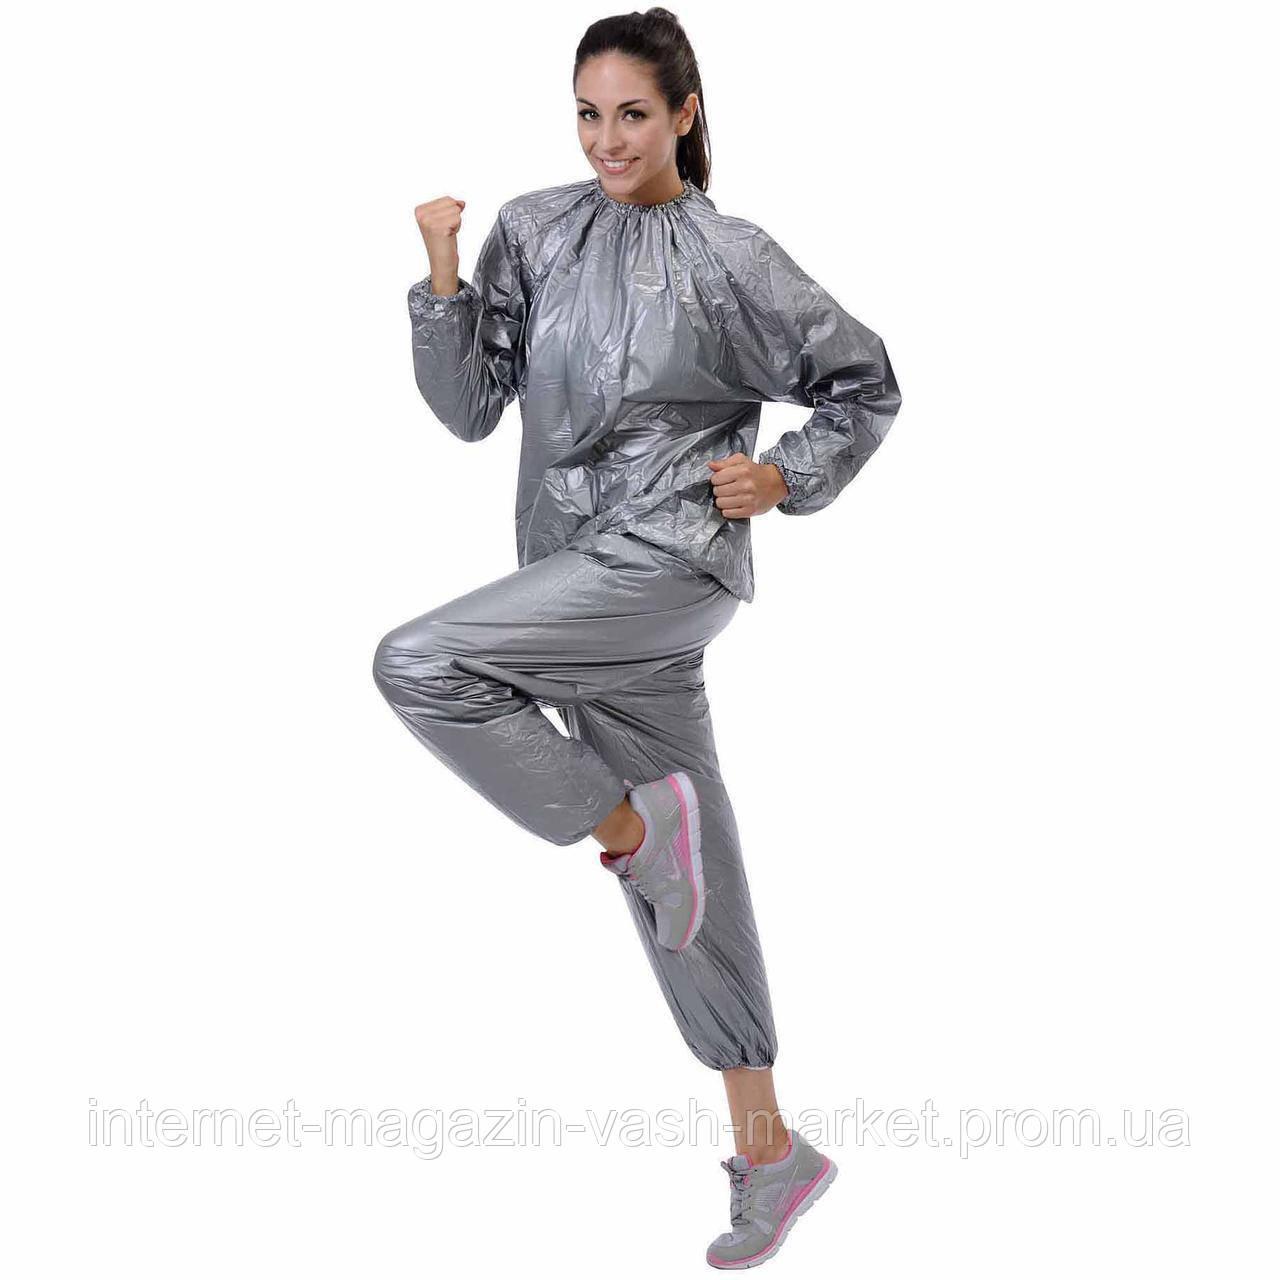 Костюм - сауна для похудения и снижения веса Sauna Suit, Акция